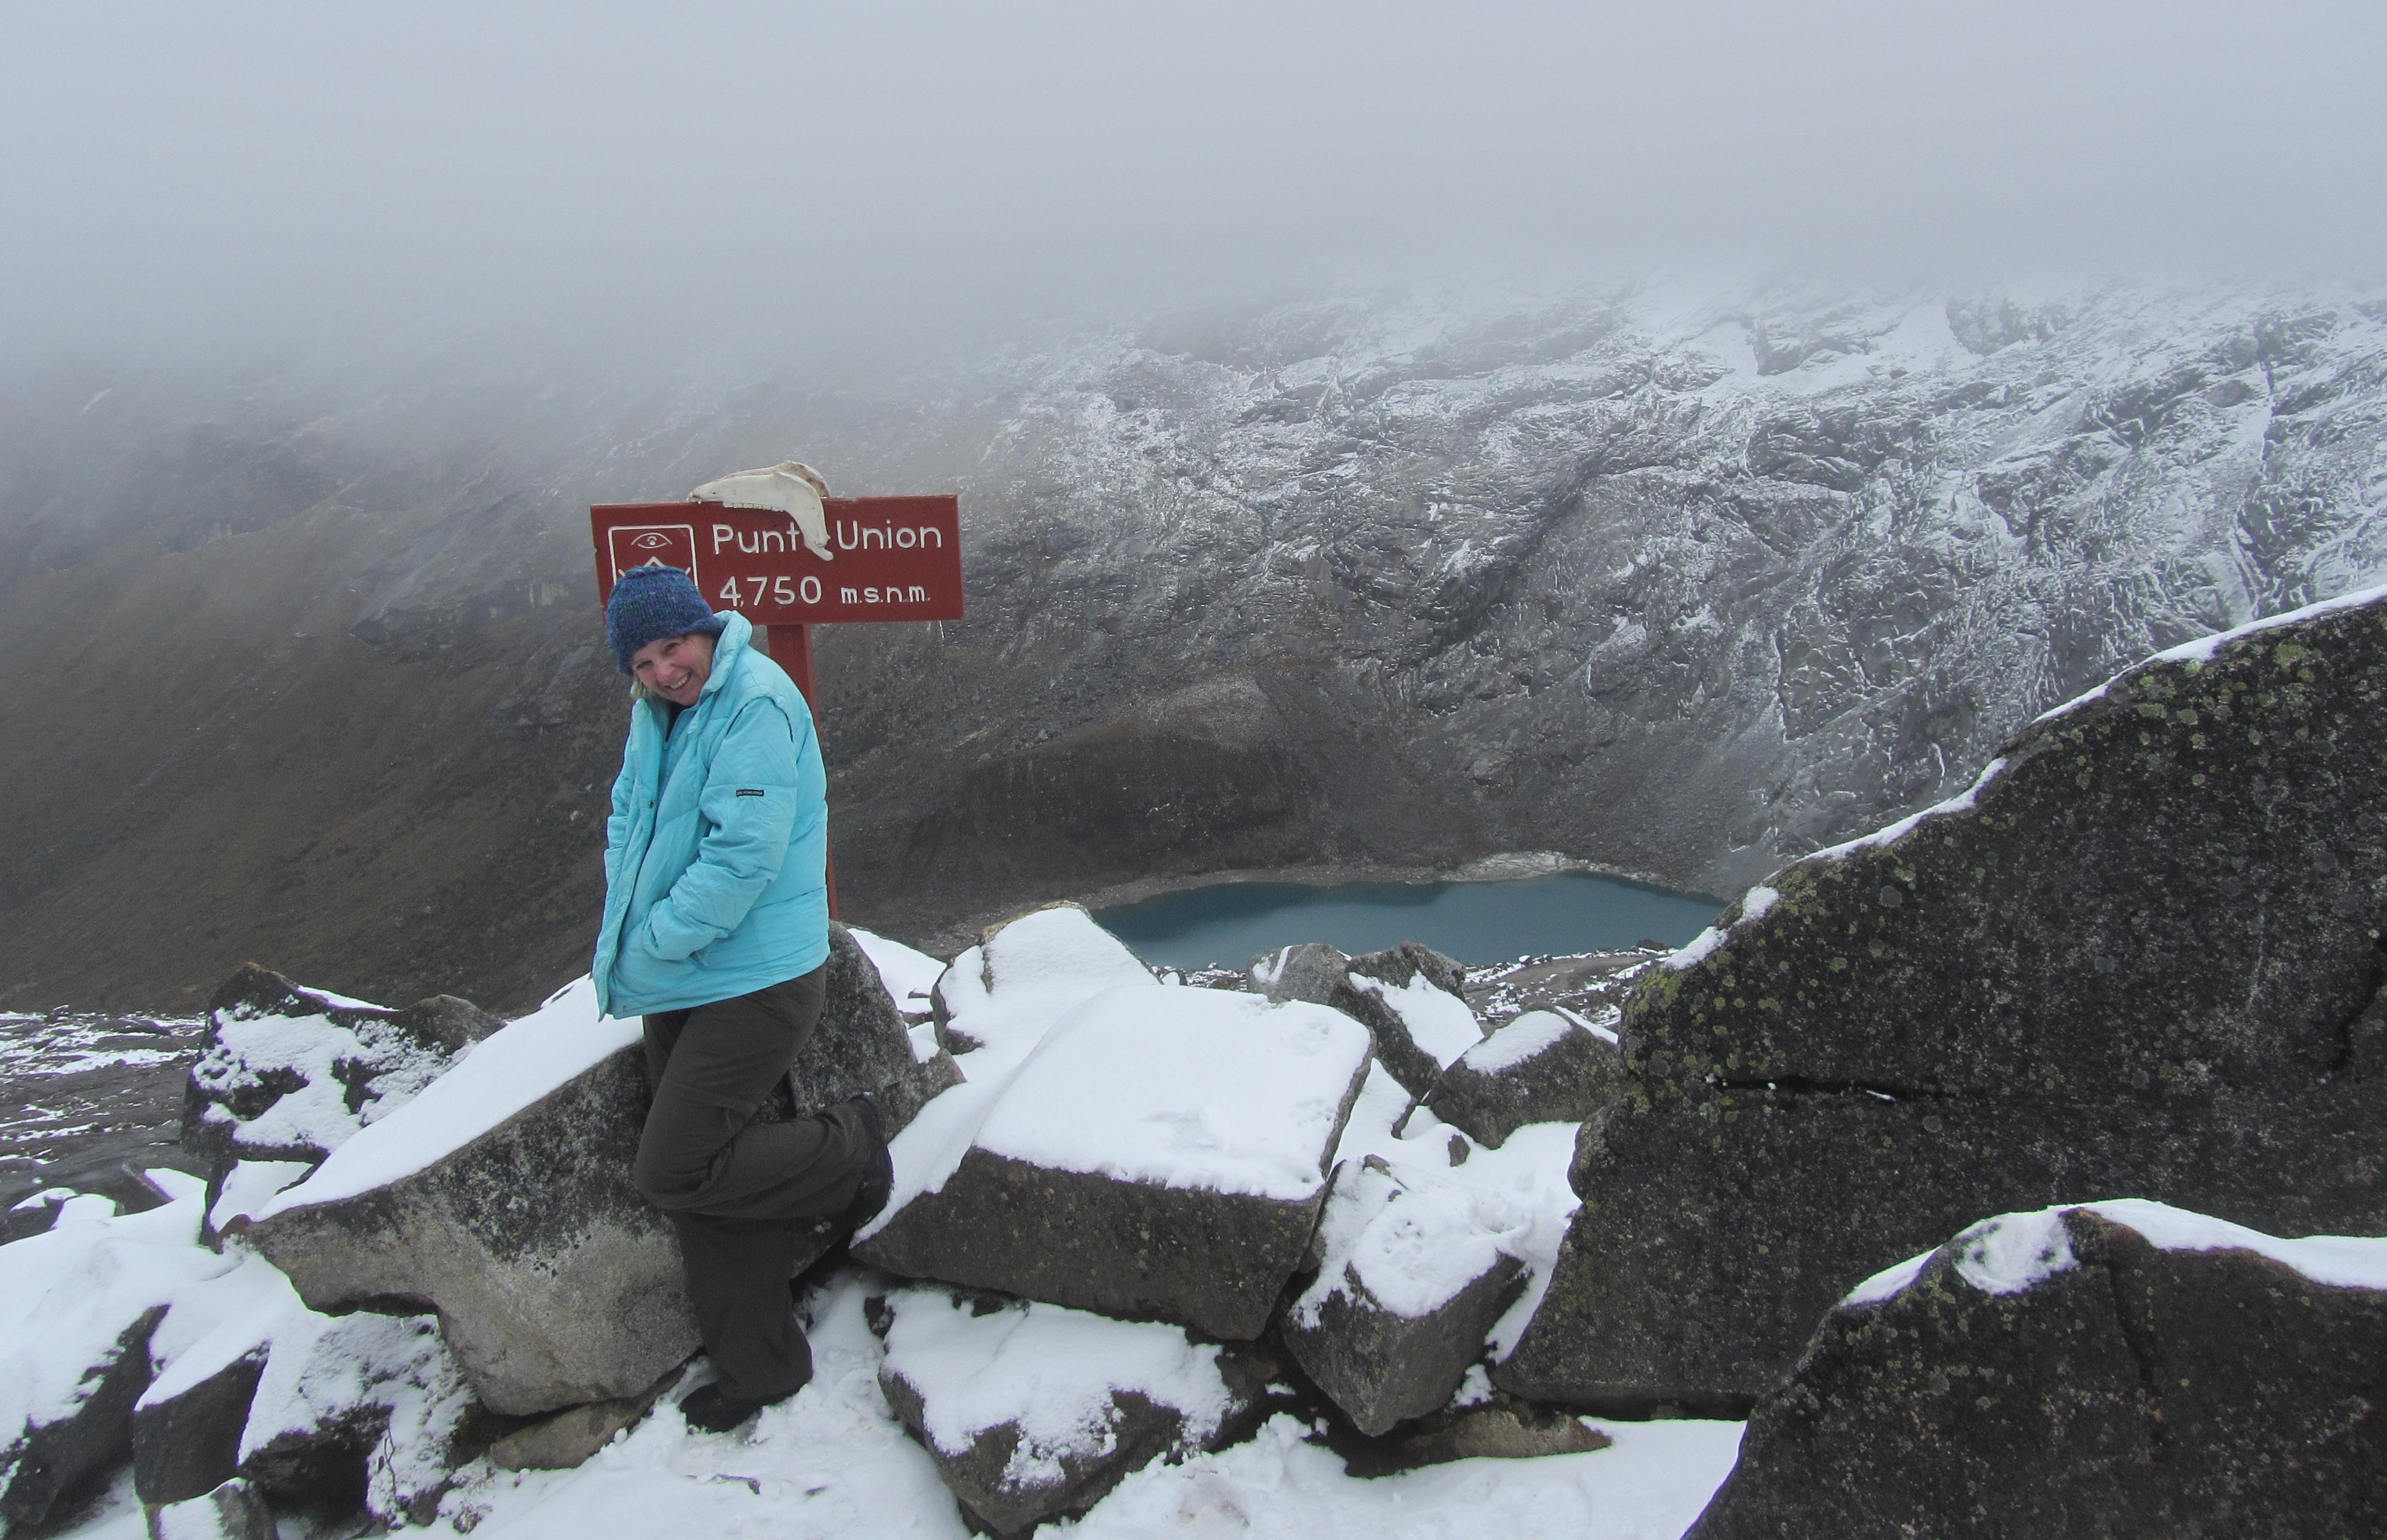 col de Punta Union (4760m)